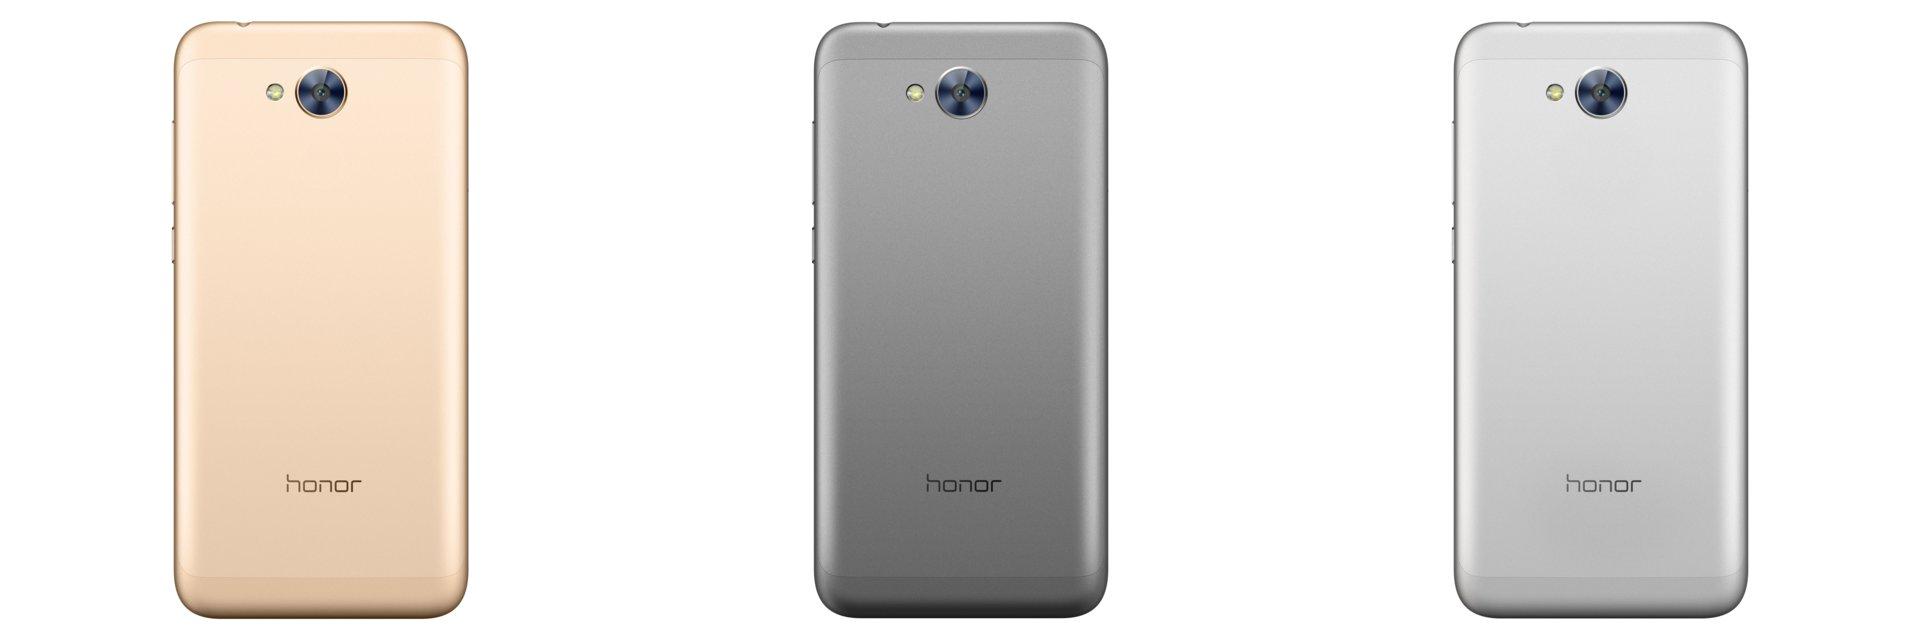 Honor 6 von hinten in Gold, Grau und Silber